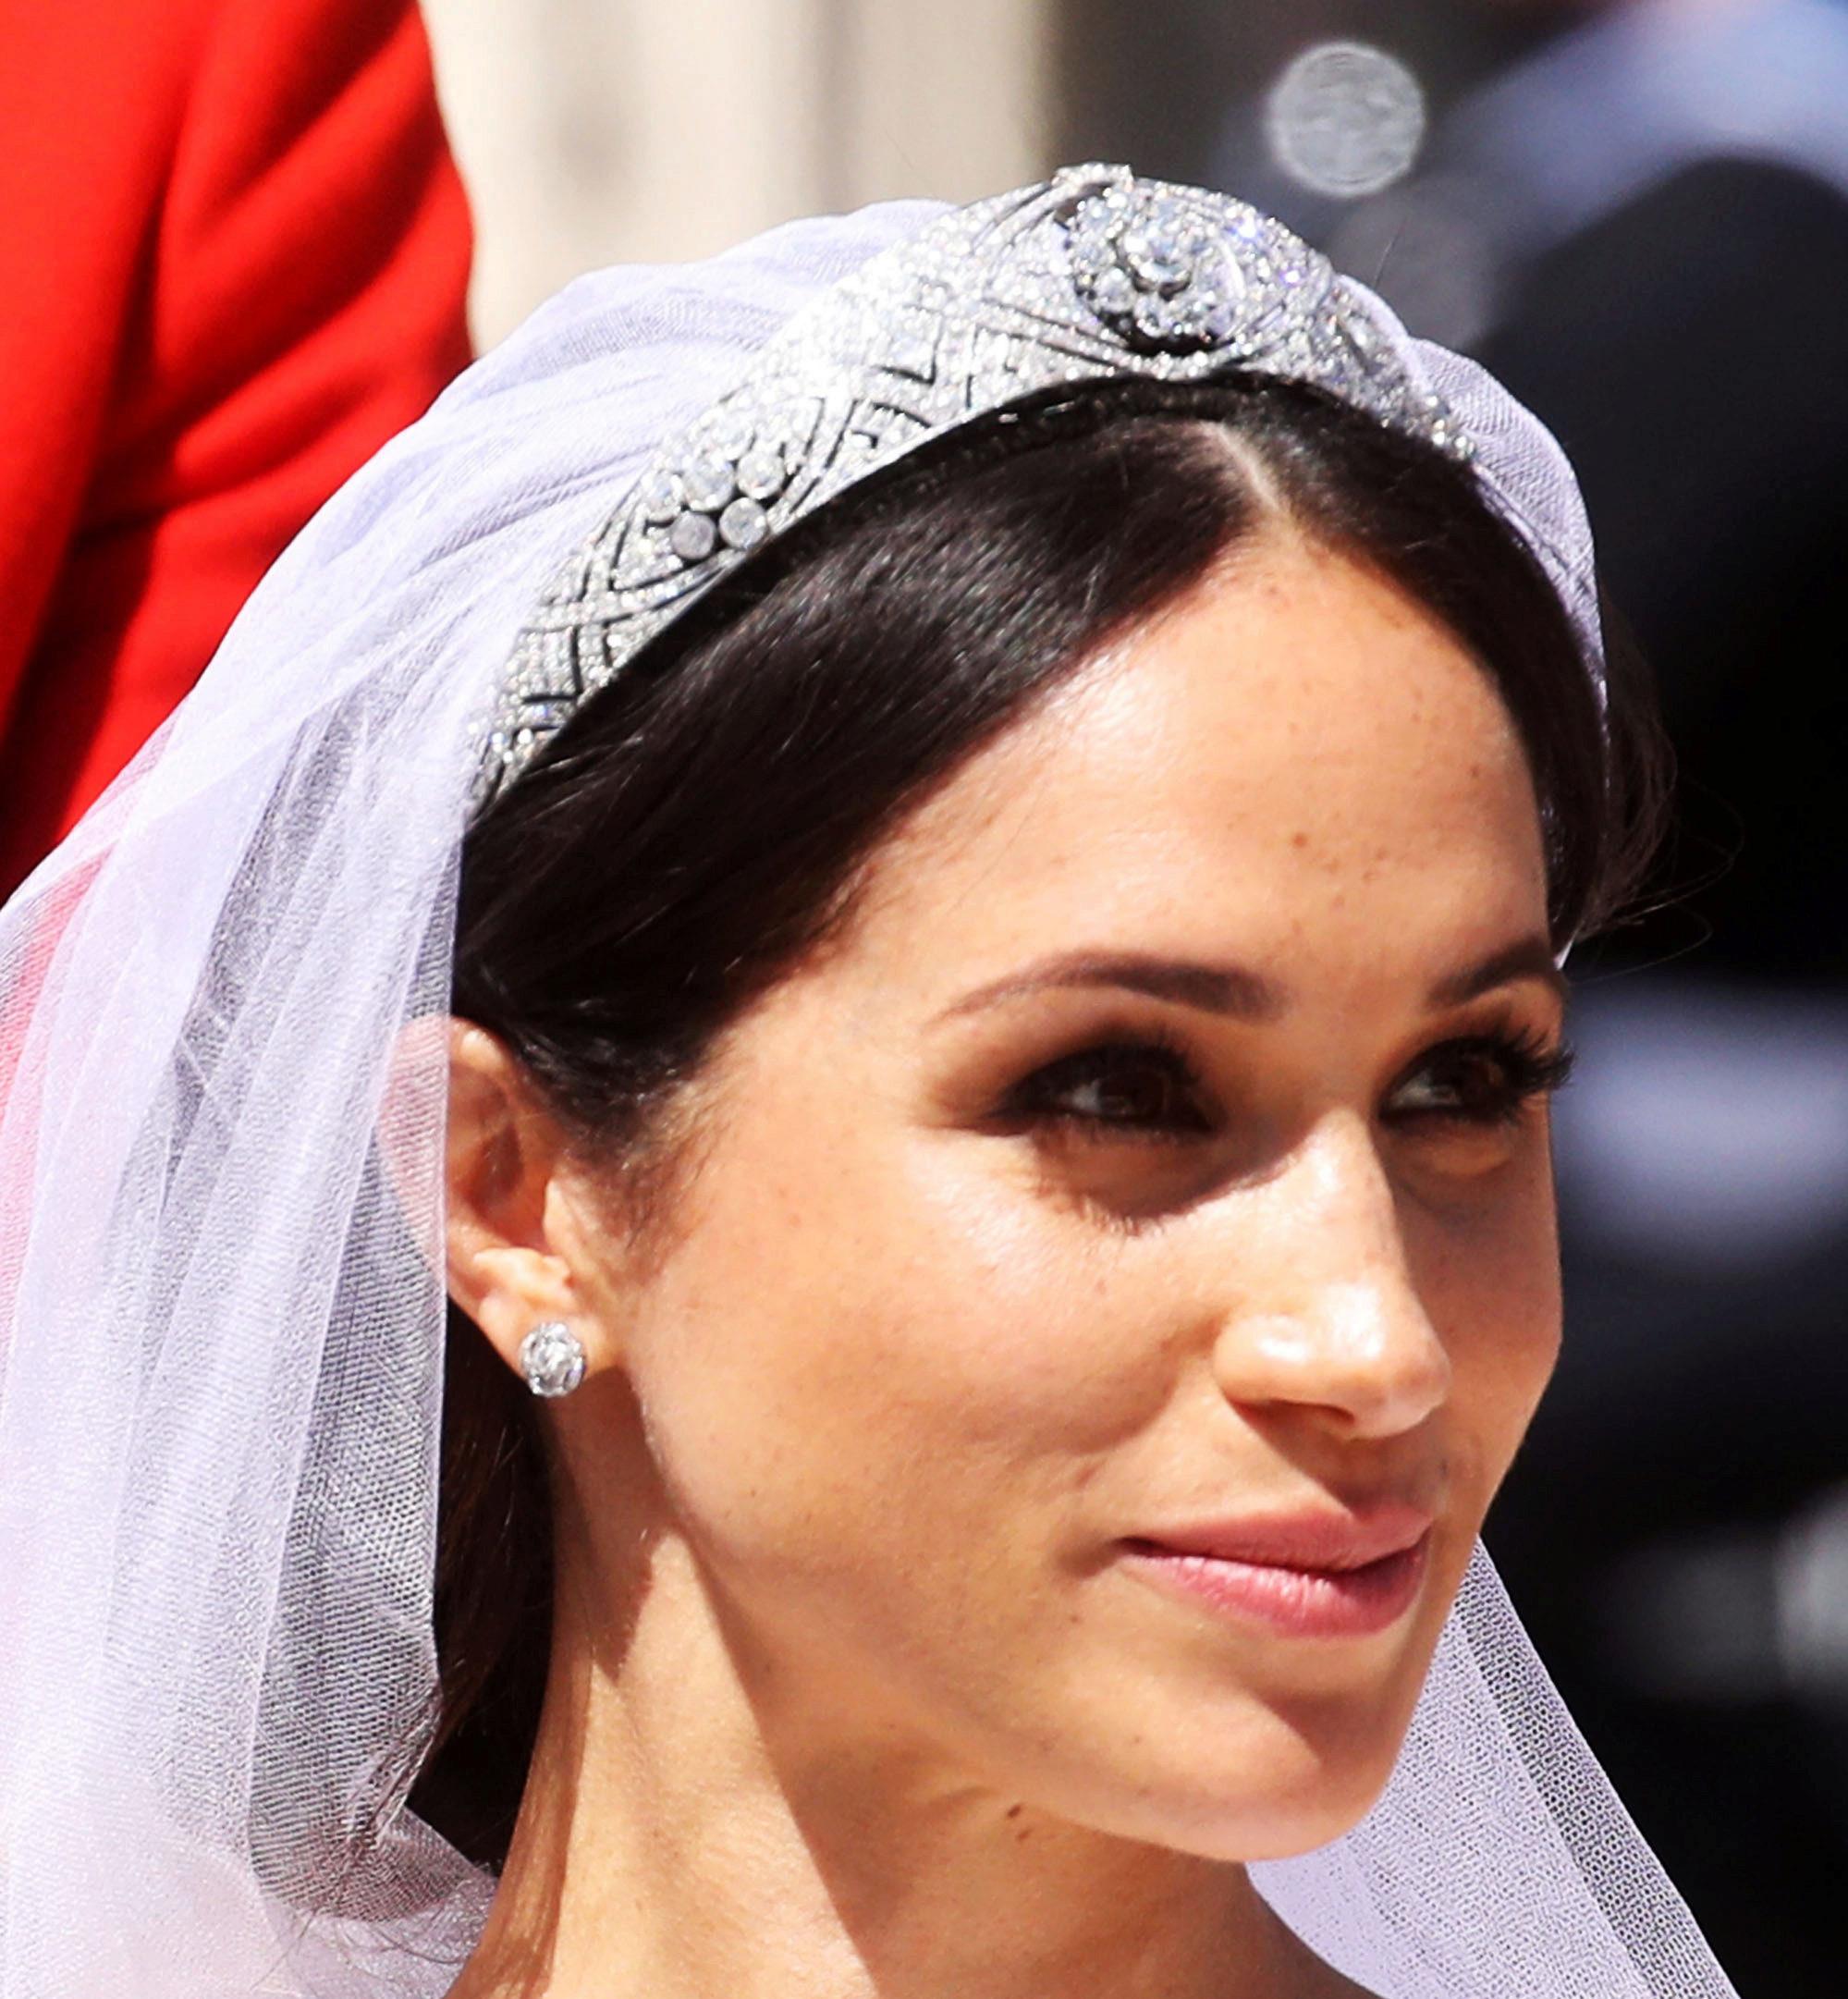 Rostro de Meghan Markle vestida de novia, con velo, tiara y maquillaje...